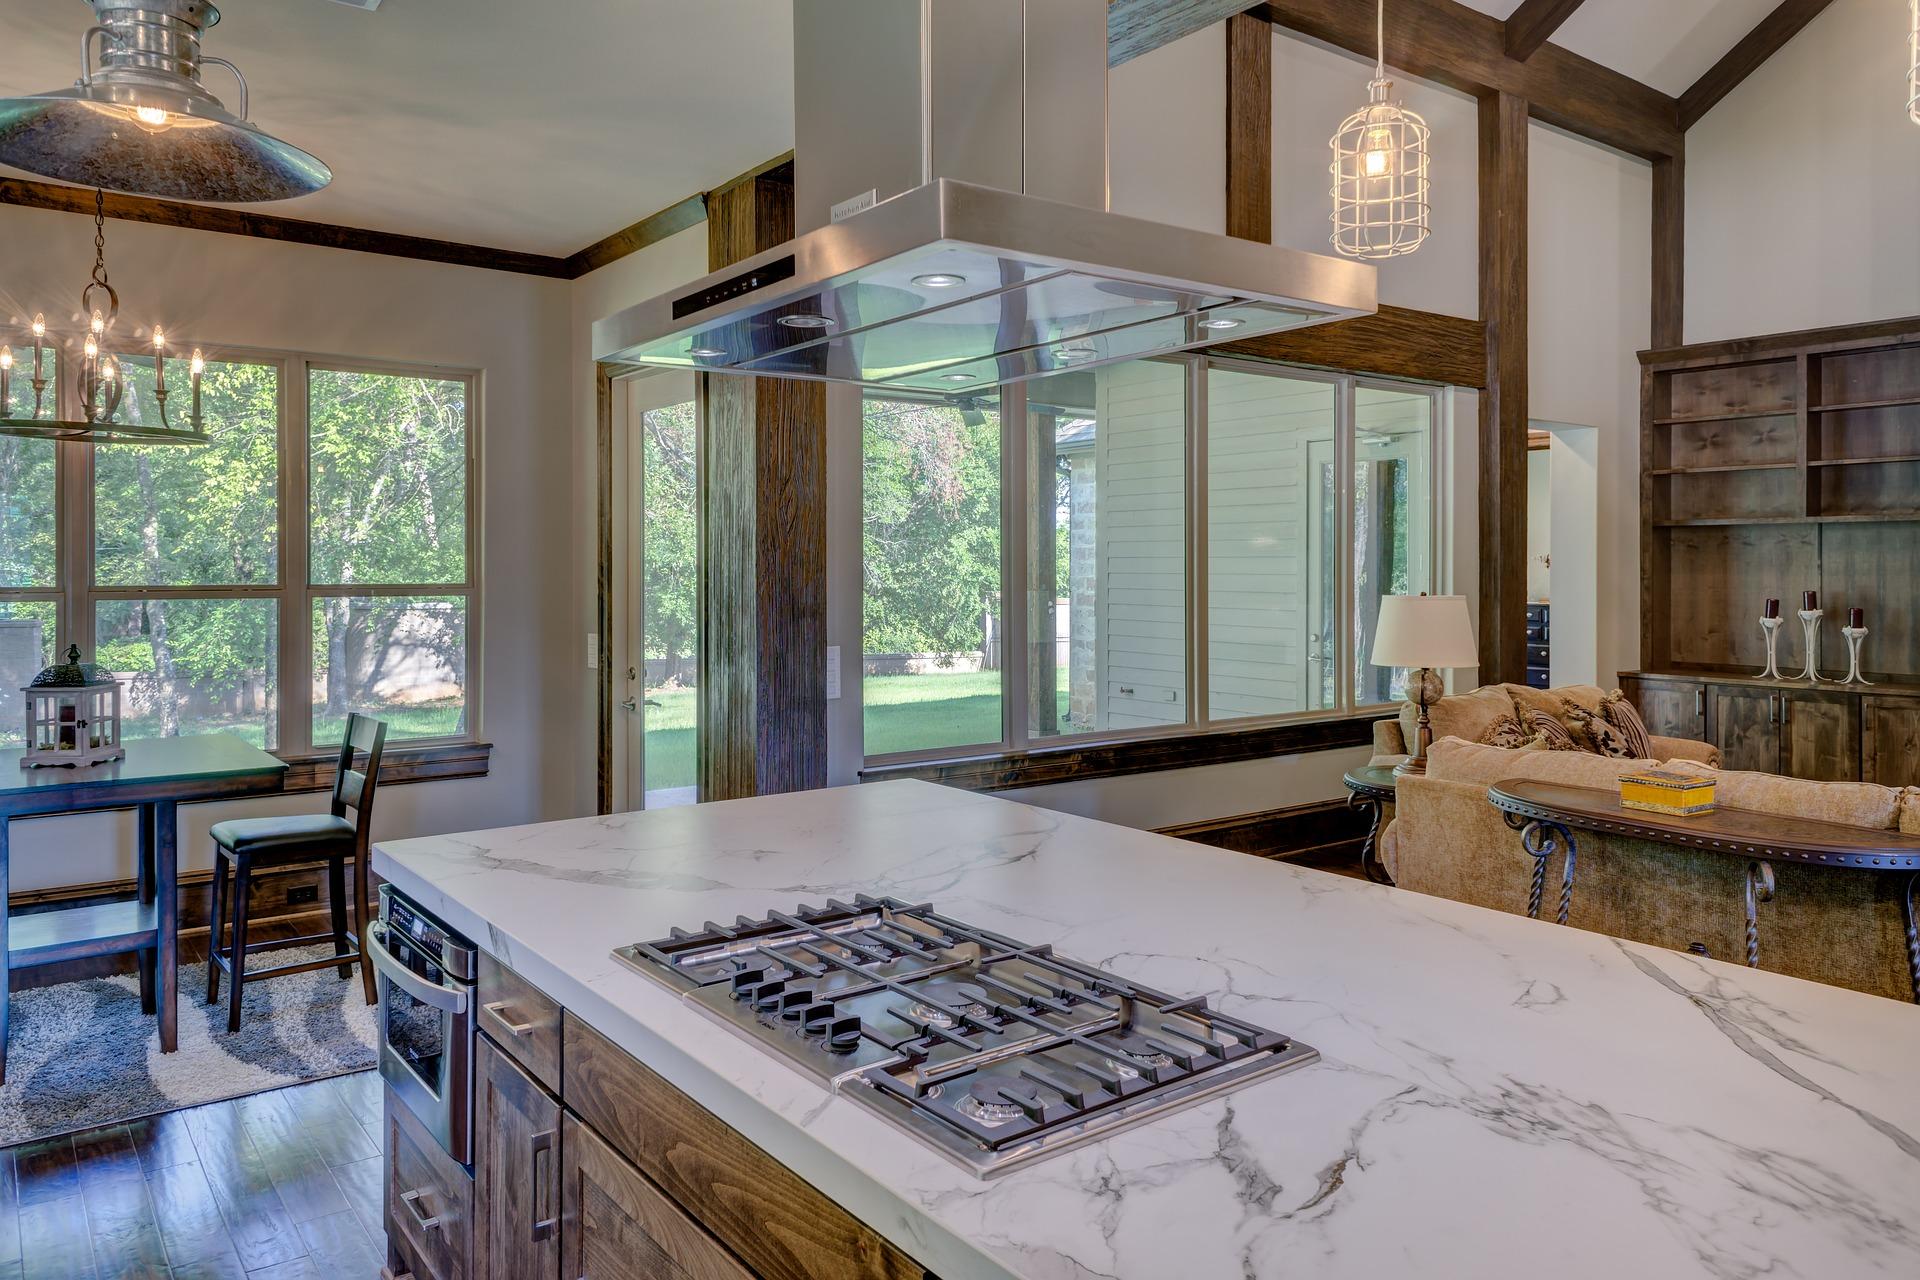 Coifas E Exaustores Para Cozinha Como Escolher O Modelo Ideal